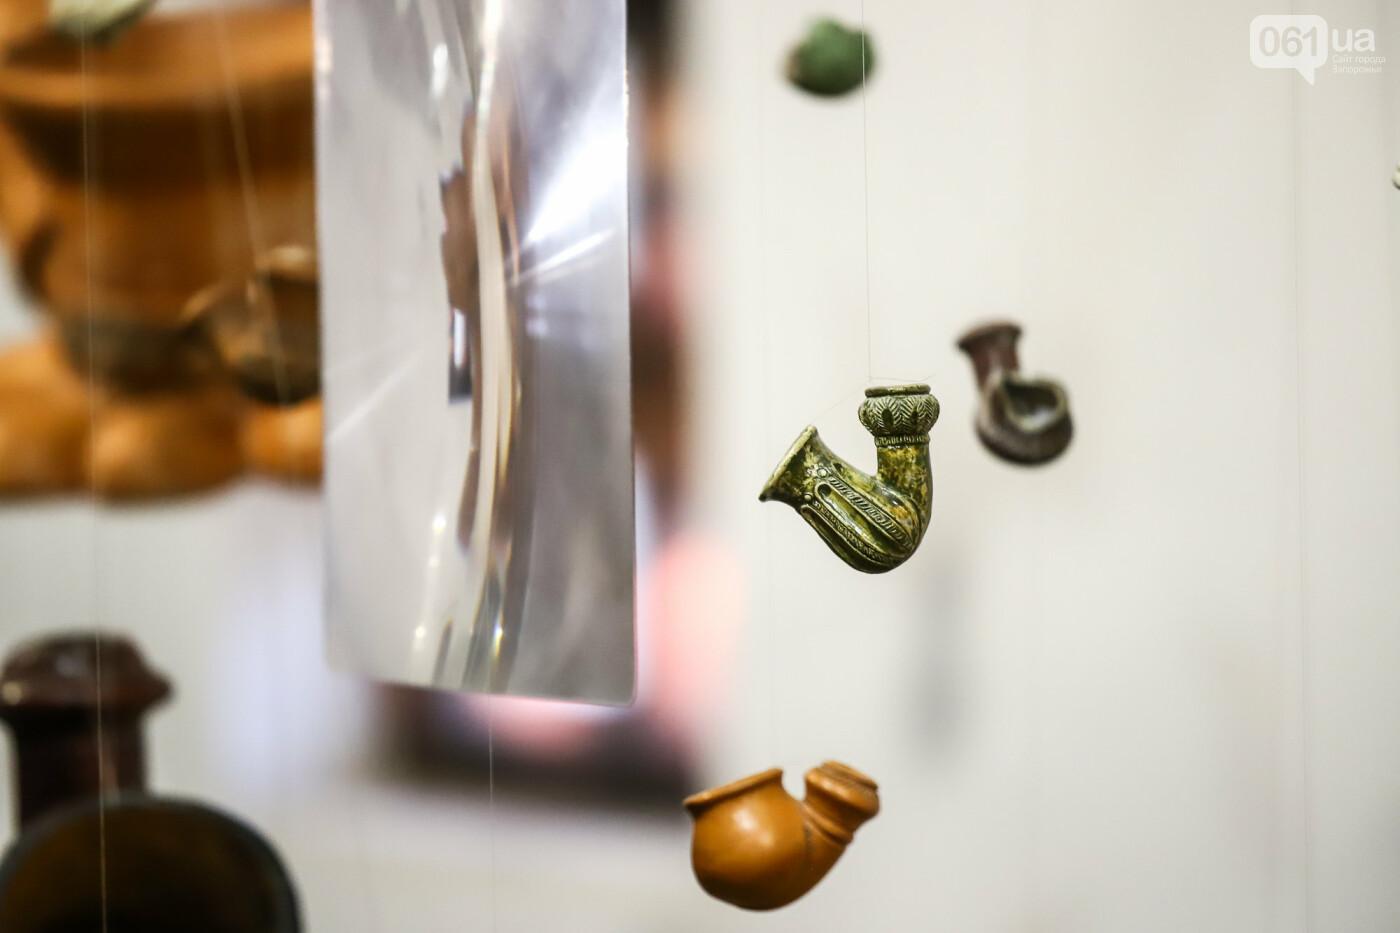 На Запорожской Сечи пополнилась уникальная коллекция казацких люлек: что курили казаки и о чем может рассказать трубка, фото-23